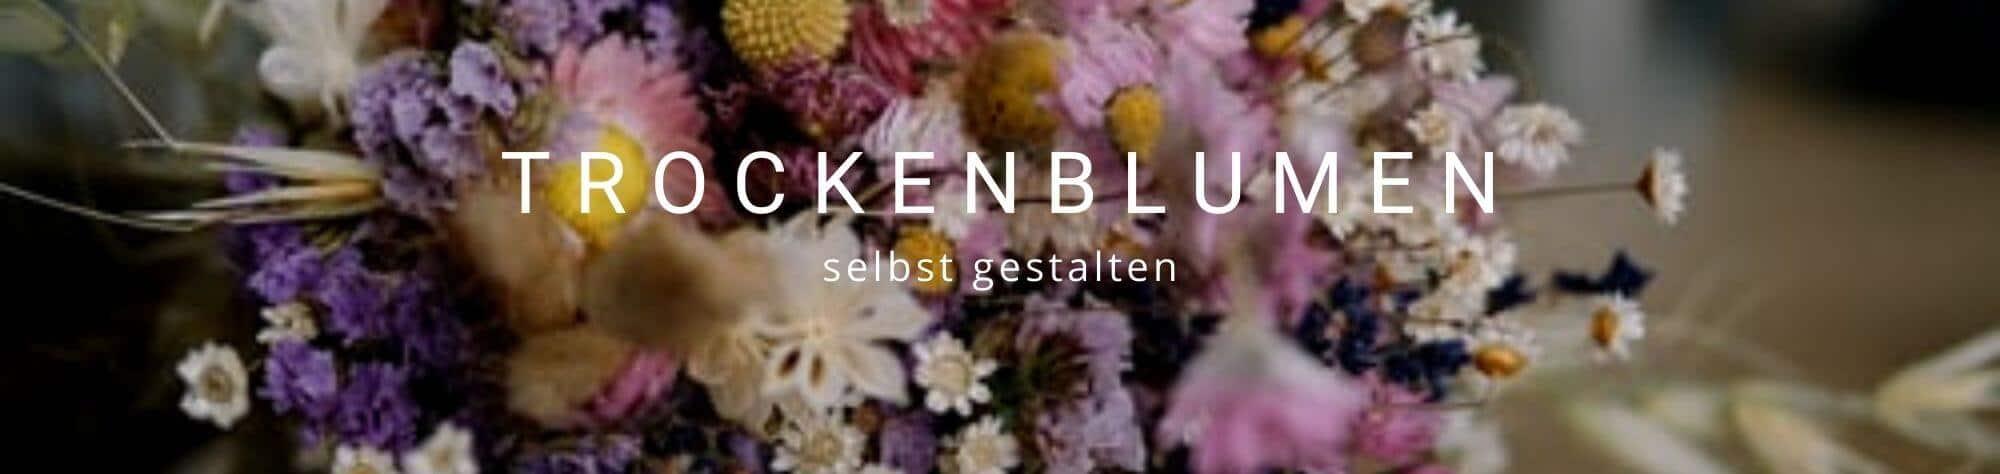 Trockenblumen Düsseldorf - Trockenblumenstrauß